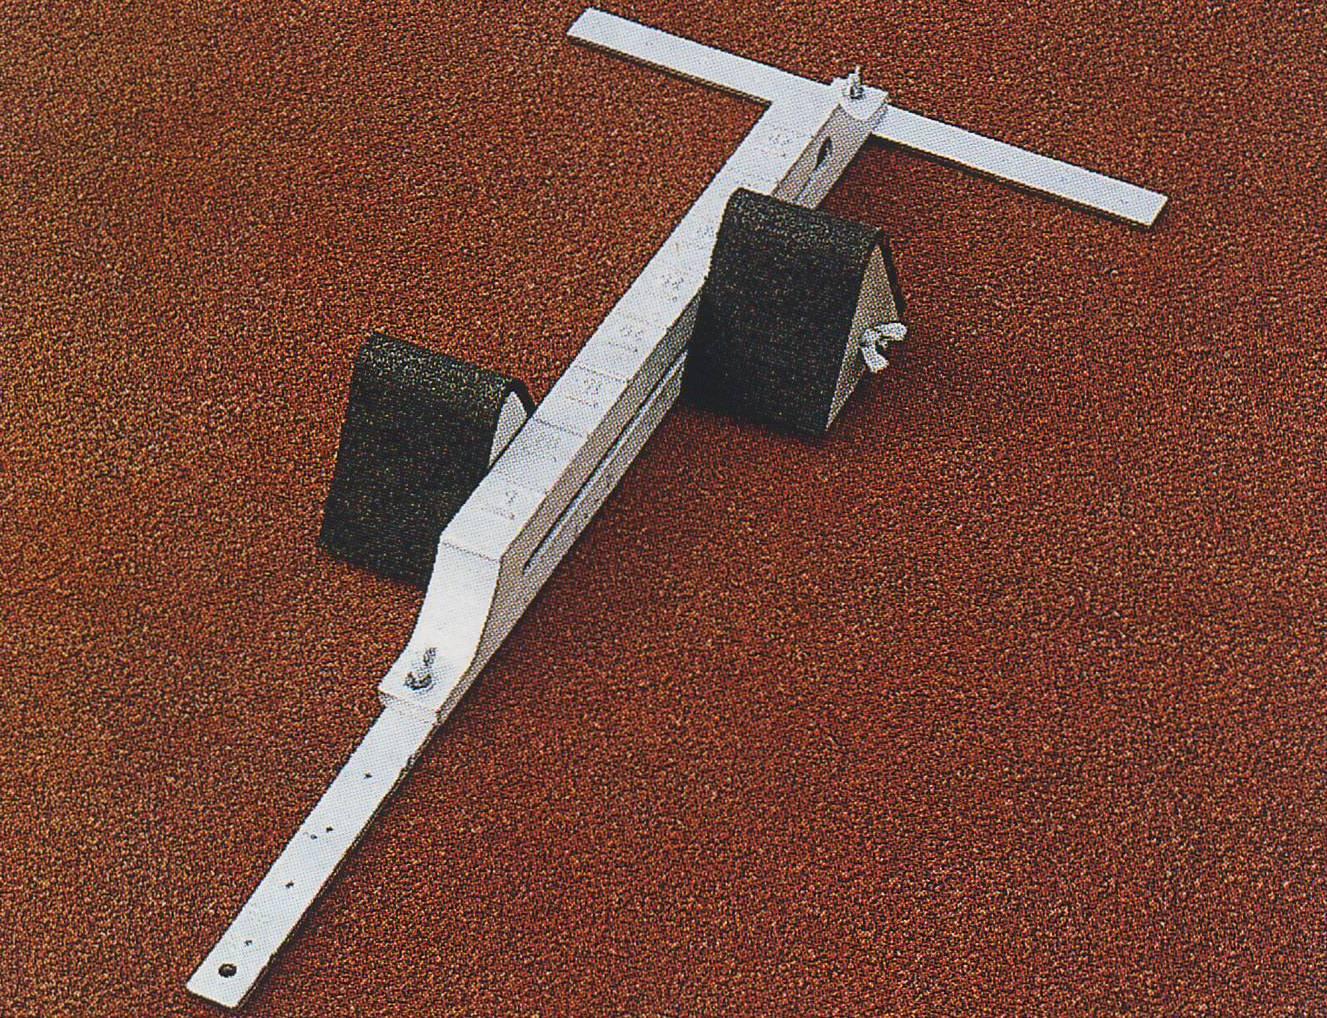 Startmaschine für das Training aus Aluminium